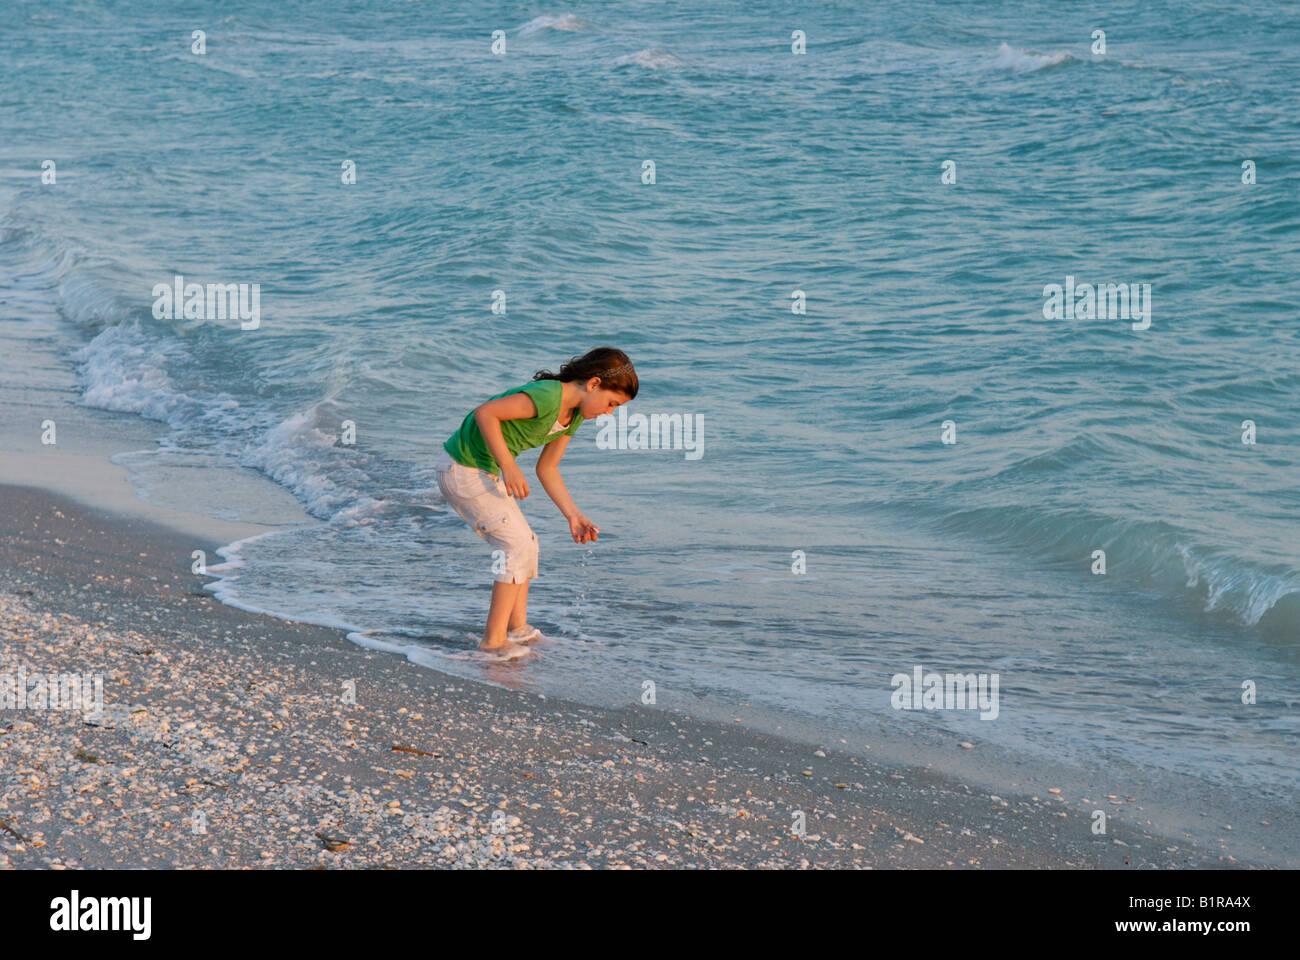 Niña de 9 a 10 años de edad recoger conchas en el borde del agua Bowman's Beach Sanibel Island, Florida Imagen De Stock